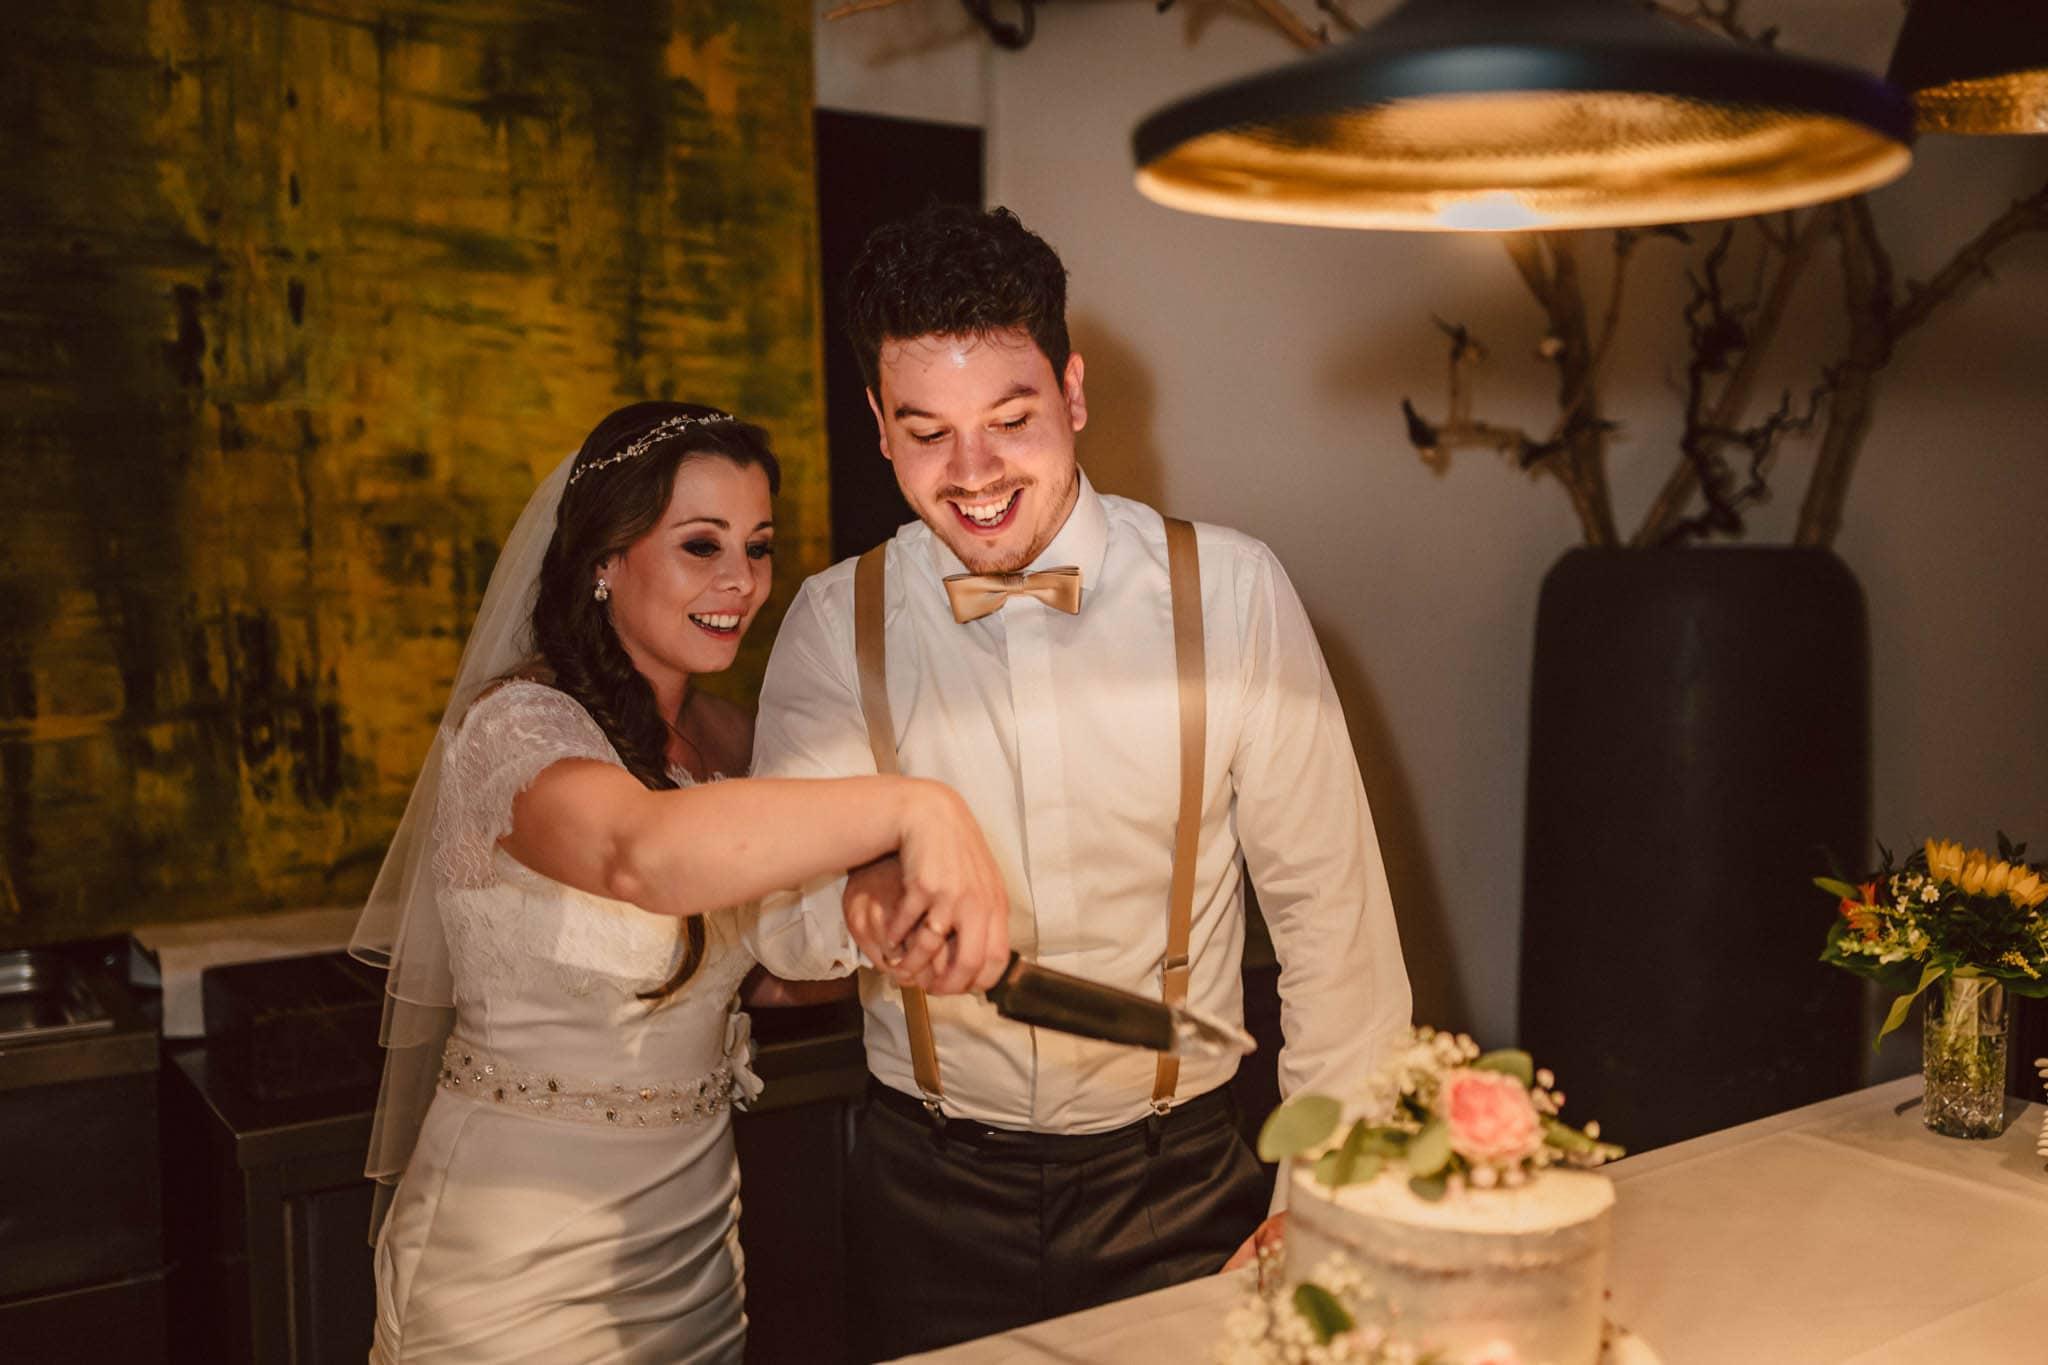 Hochzeitsfieber by Photo-Schomburg, Wedding, Hochzeitsfotograf, Hochzeitspaar, Braut, Bräutigam, Hochzeitstag, Hamburg, Landungsbrücken, Hafenliebe-120